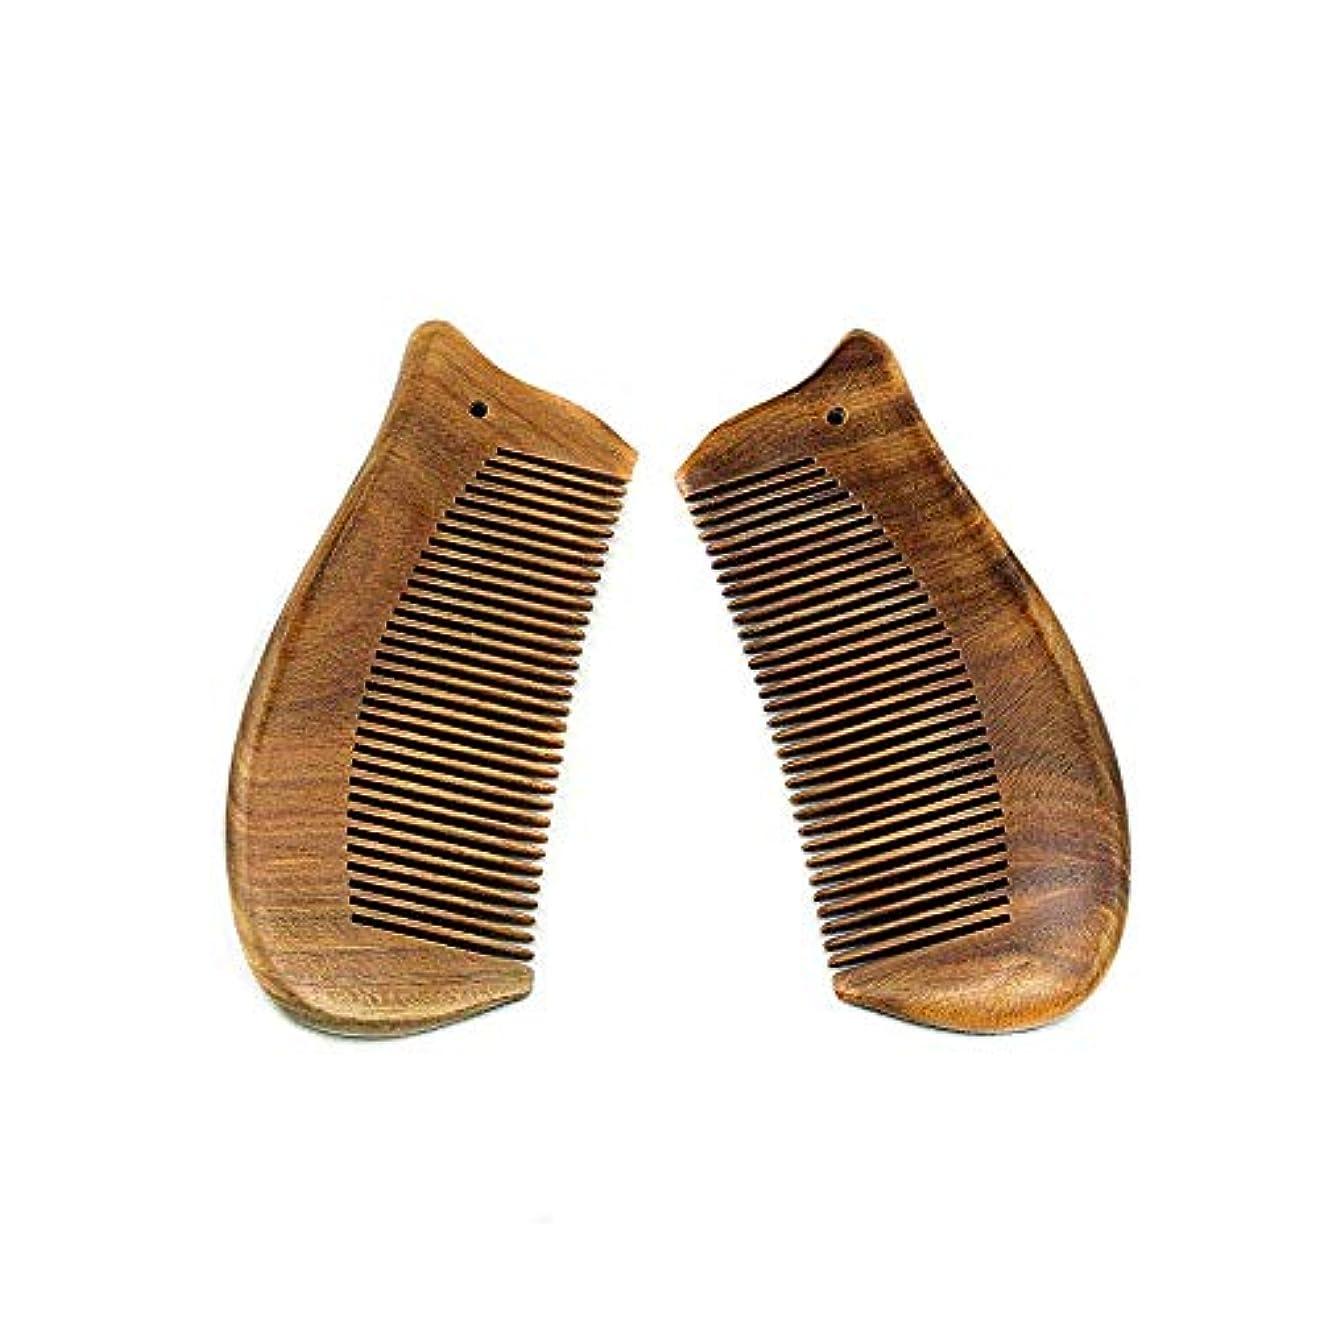 プランテーションパイロットすでに新ナチュラルグリーンサンダルウッド魚の形のくし女性のための静的な手作りの木製くし ヘアケア